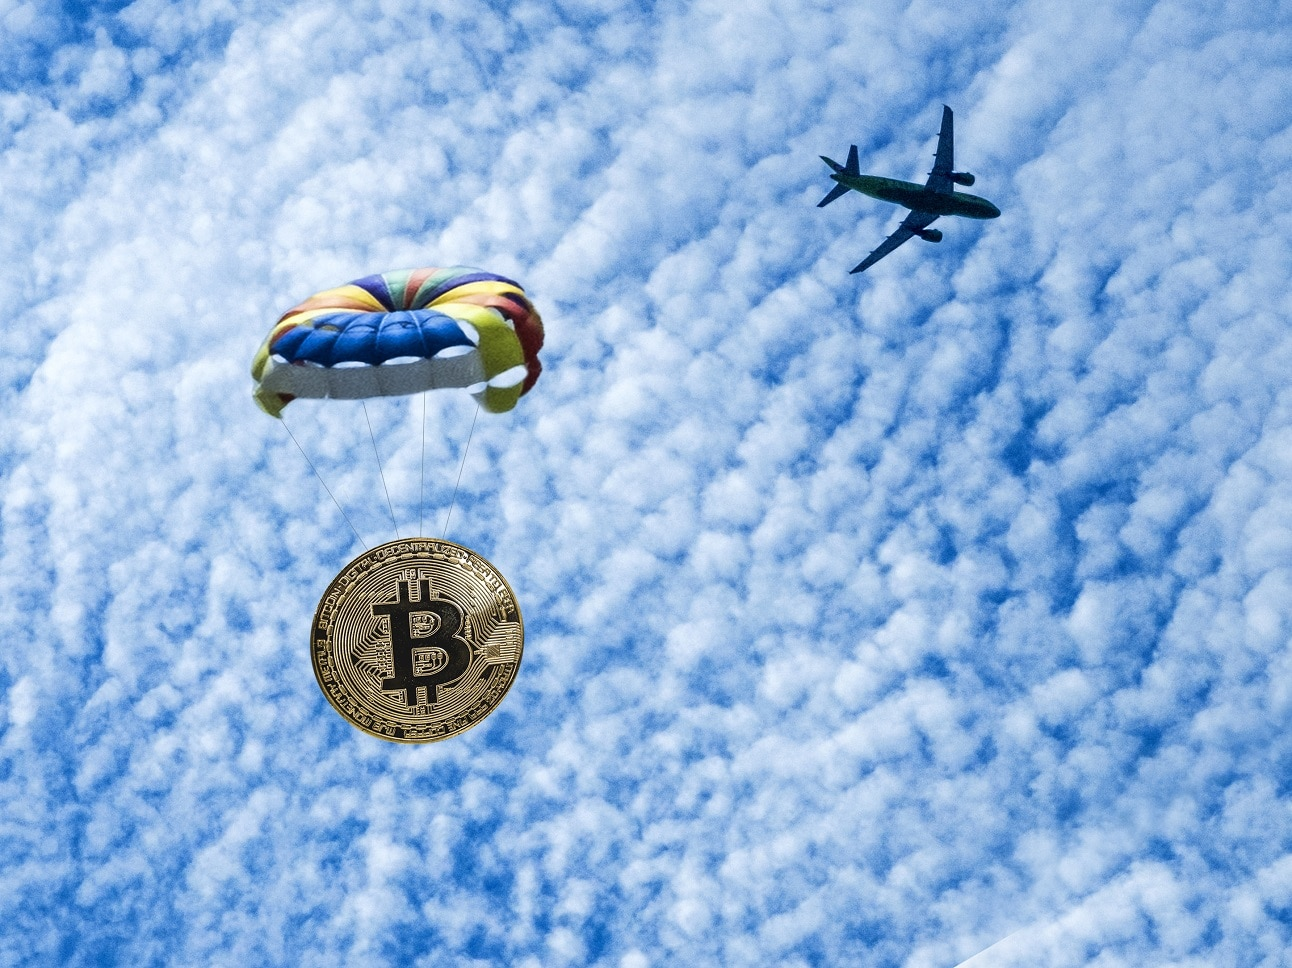 bitcoin-airdrop-airtm-celebridades-ecosistema